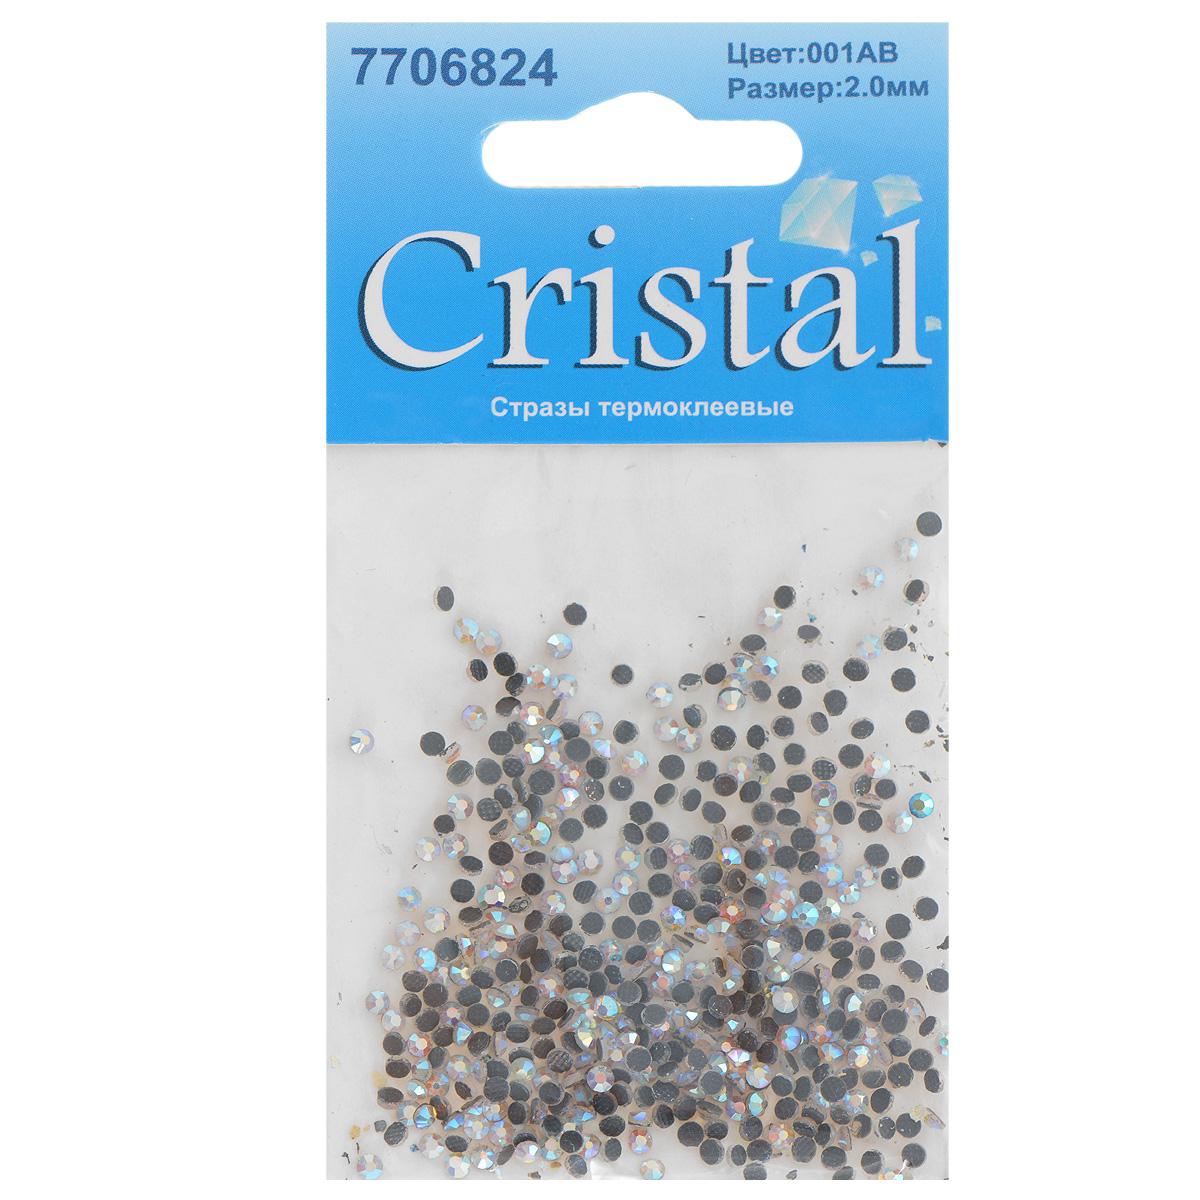 Стразы термоклеевые Cristal, цвет: белый (001АВ), диаметр 2 мм, 432 шт7706824_001ABНабор термоклеевых страз Cristal, изготовленный из высококачественного акрила, позволит вам украсить одежду, аксессуары или текстиль. Яркие стразы имеют плоское дно и круглую поверхность с гранями.Дно термоклеевых страз уже обработано особым клеем, который под воздействием высоких температур начинает плавиться, приклеиваясь, таким образом, к требуемой поверхности. Чаще всего их используют в текстильной промышленности: стразы прикладывают к ткани и проглаживают утюгом с обратной стороны. Также можно использовать специальный паяльник. Украшение стразами поможет сделать любую вещь оригинальной и неповторимой. Диаметр страз: 2 мм.